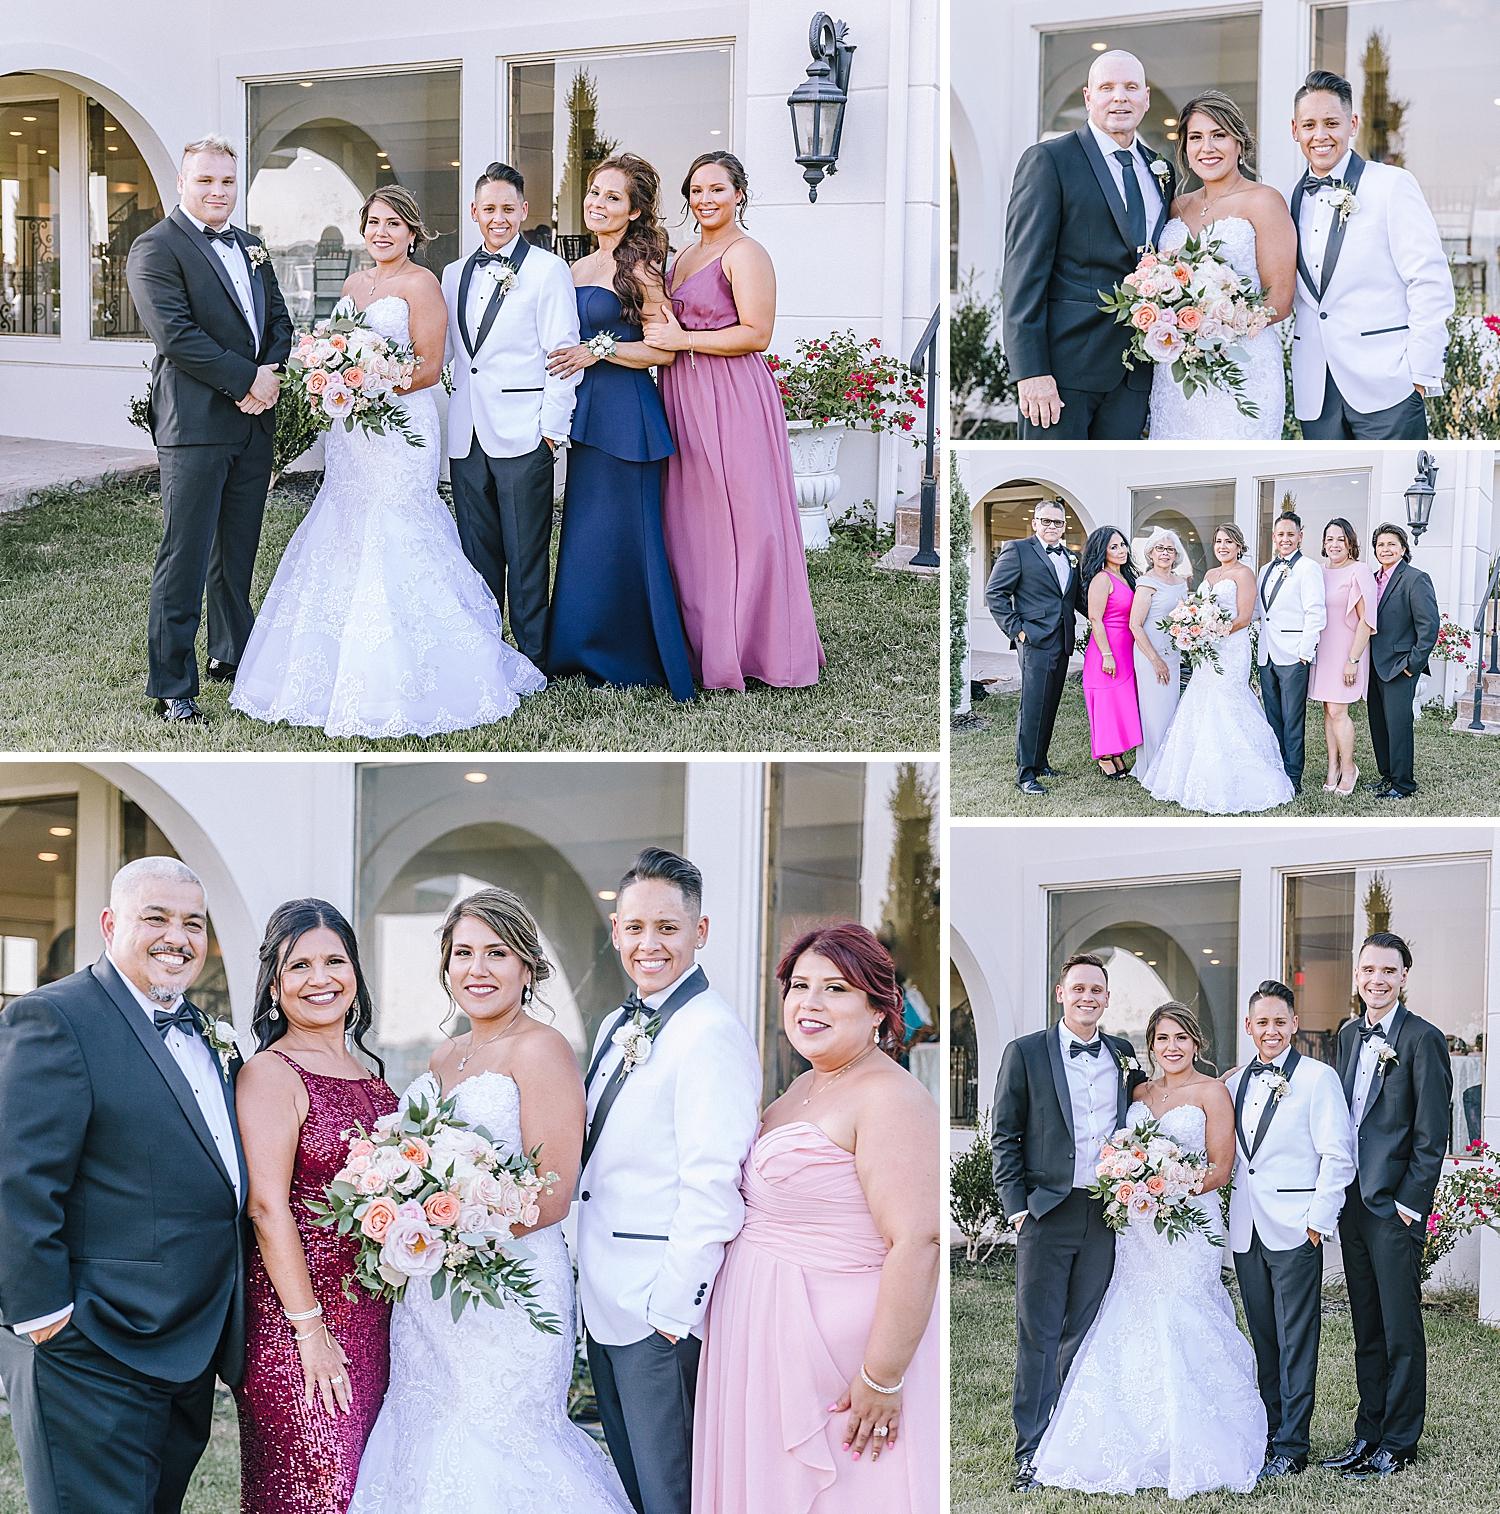 Carly-Barton-Photography-The-Villa-at-Cielo-Vista-Blush-Gold-White-Wedding-Photos_0135.jpg